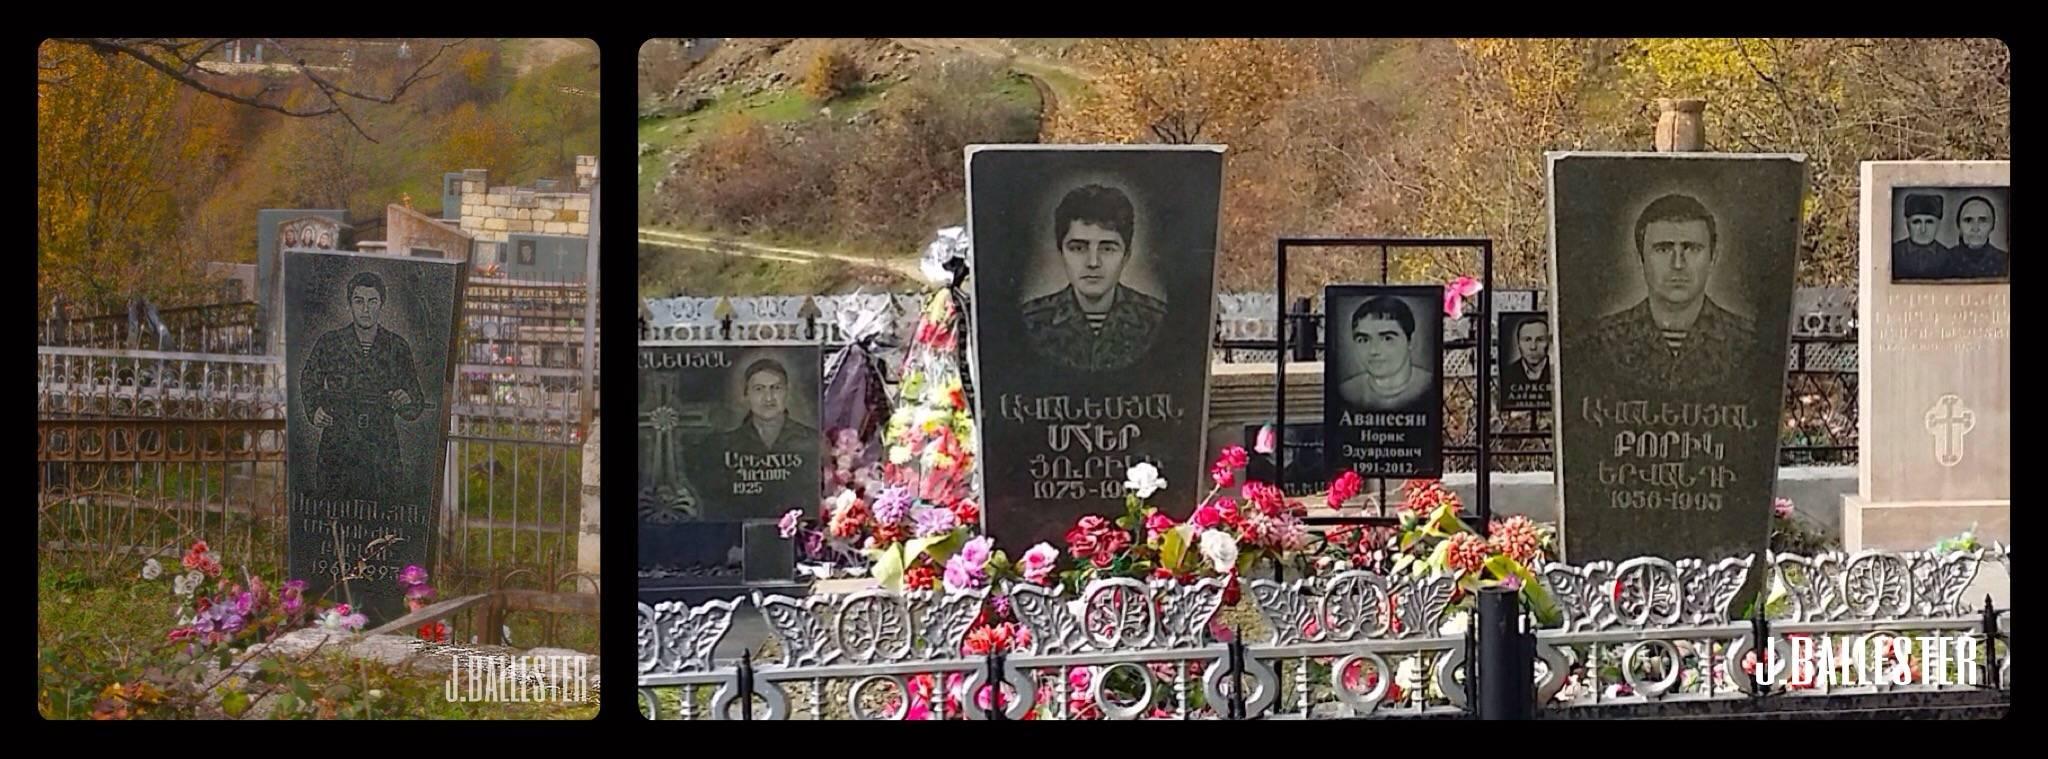 Los cementerios están repletos de jóvenes uniformados, algunos lucen sus Kalachnikov.